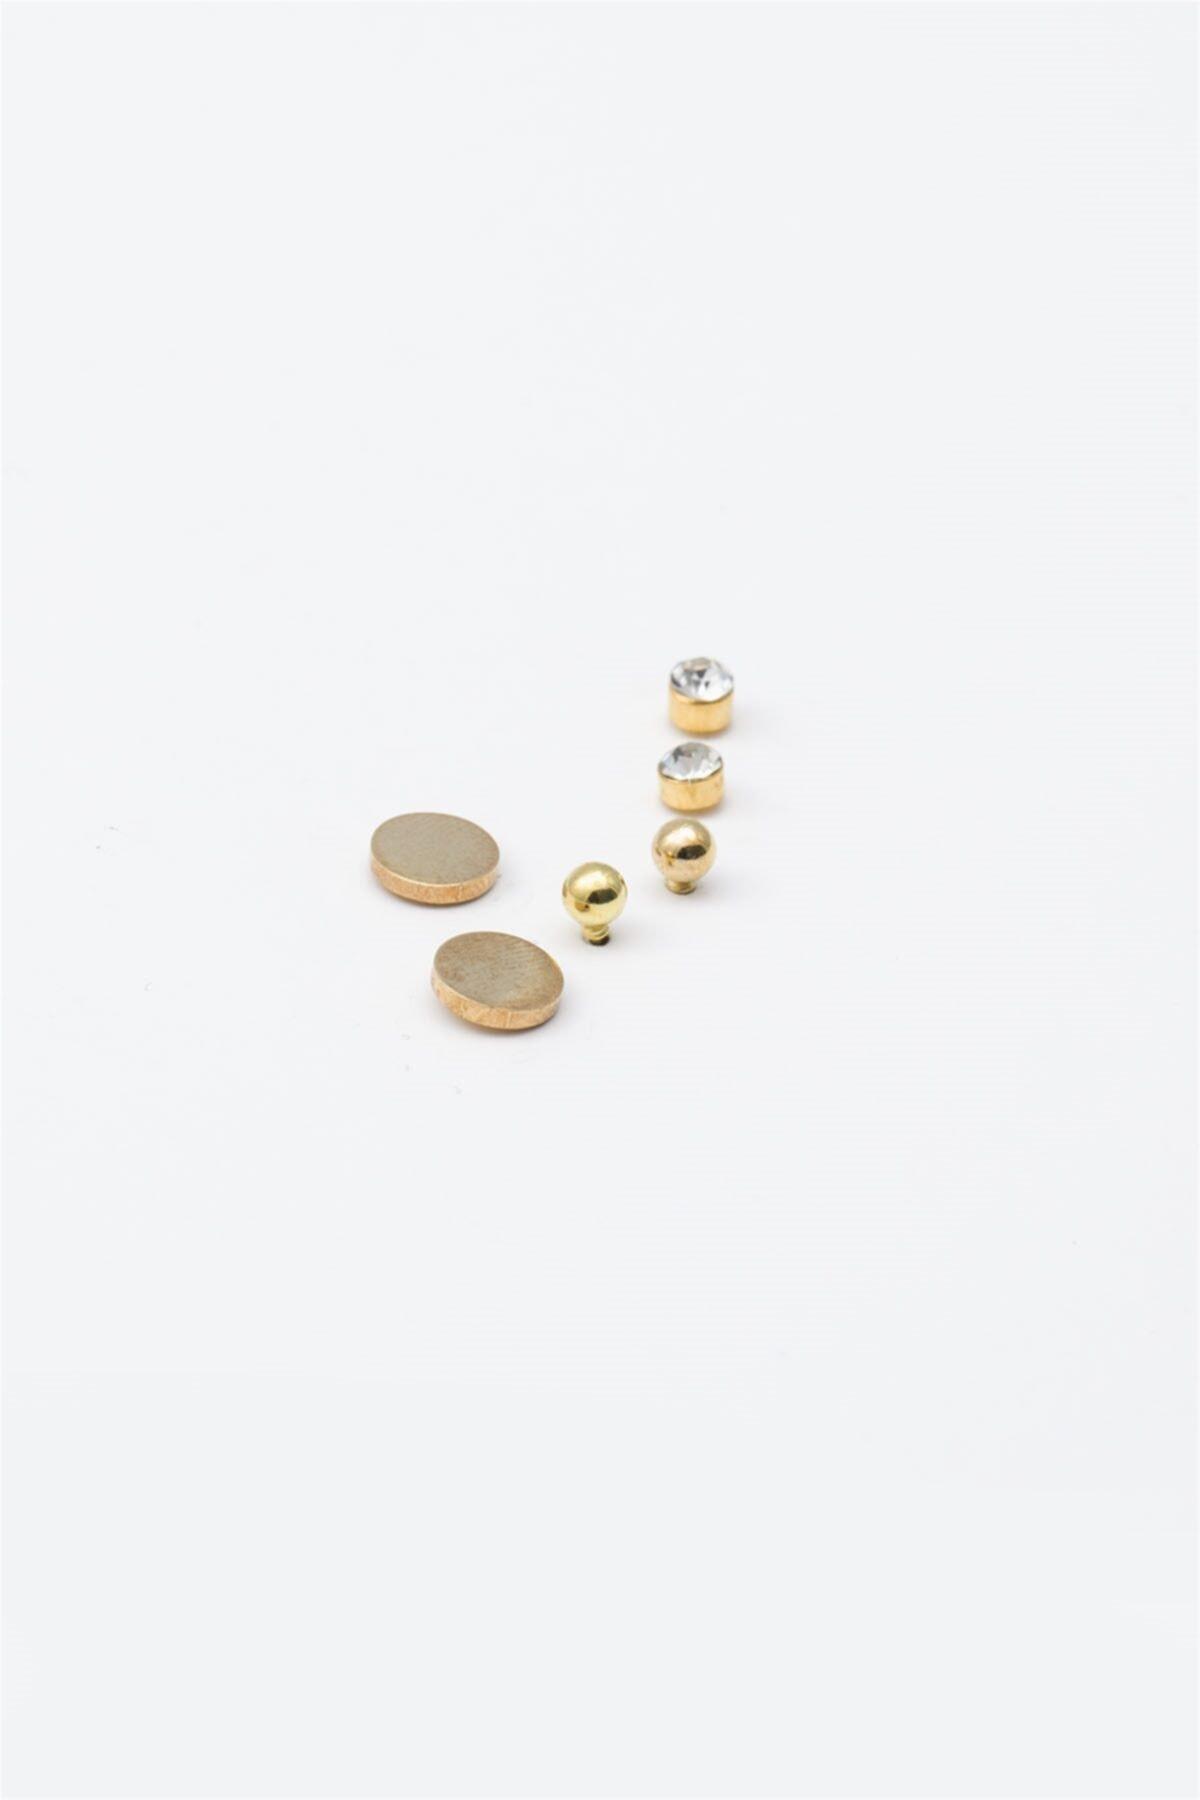 Sortie Aksesuar Yuvarlak Figürlü Zirkon Taşlı Çoklu Küpe Gold Renk 2